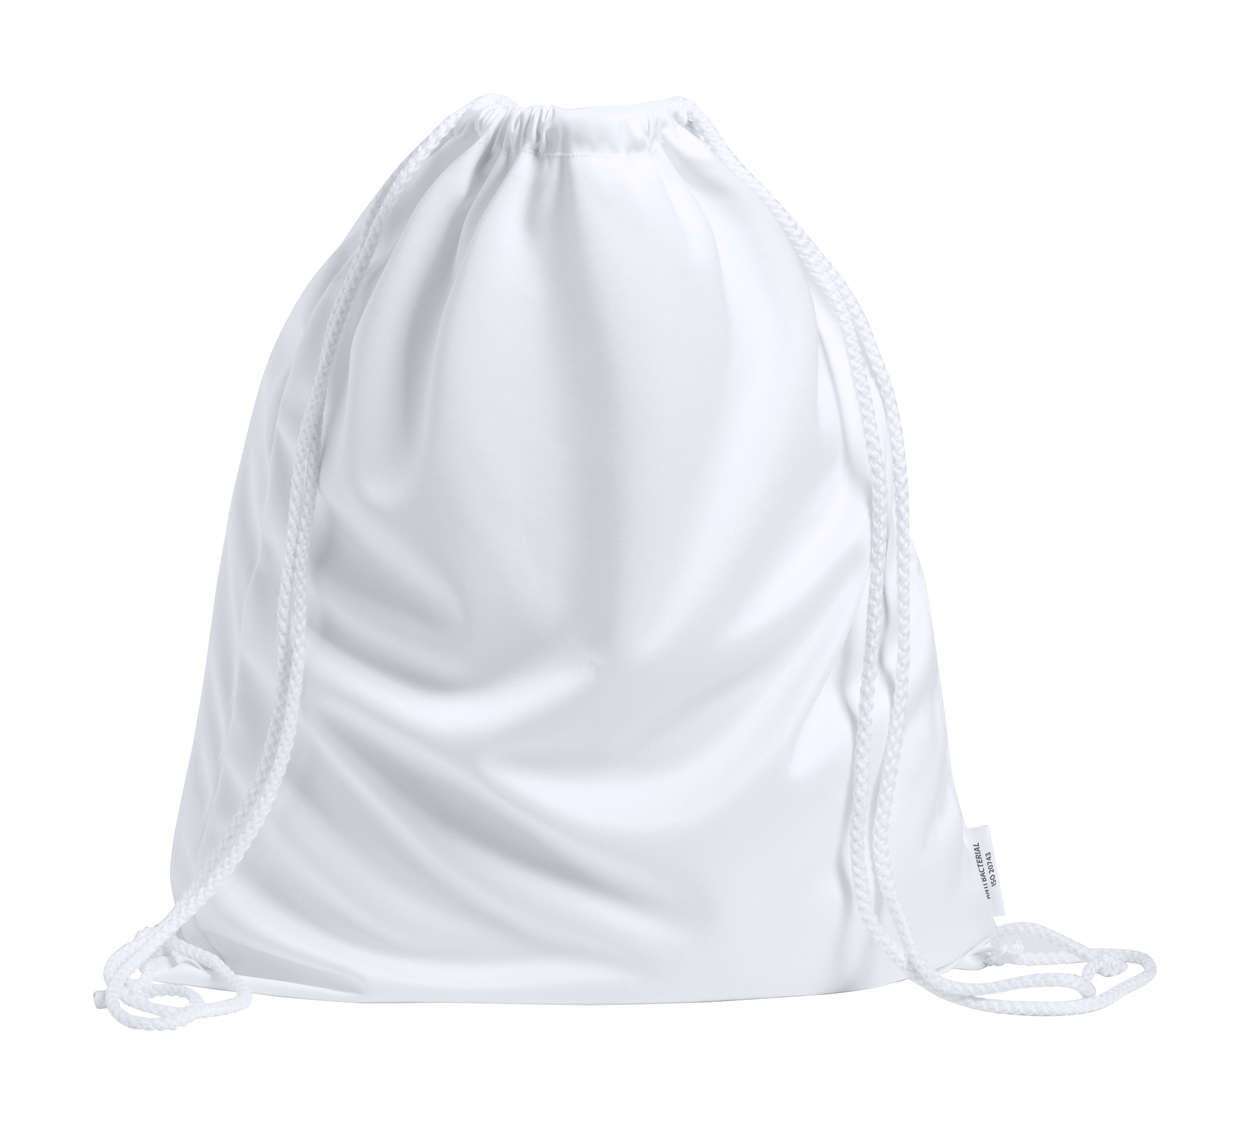 Trecel anti-bacterial drawstring bag